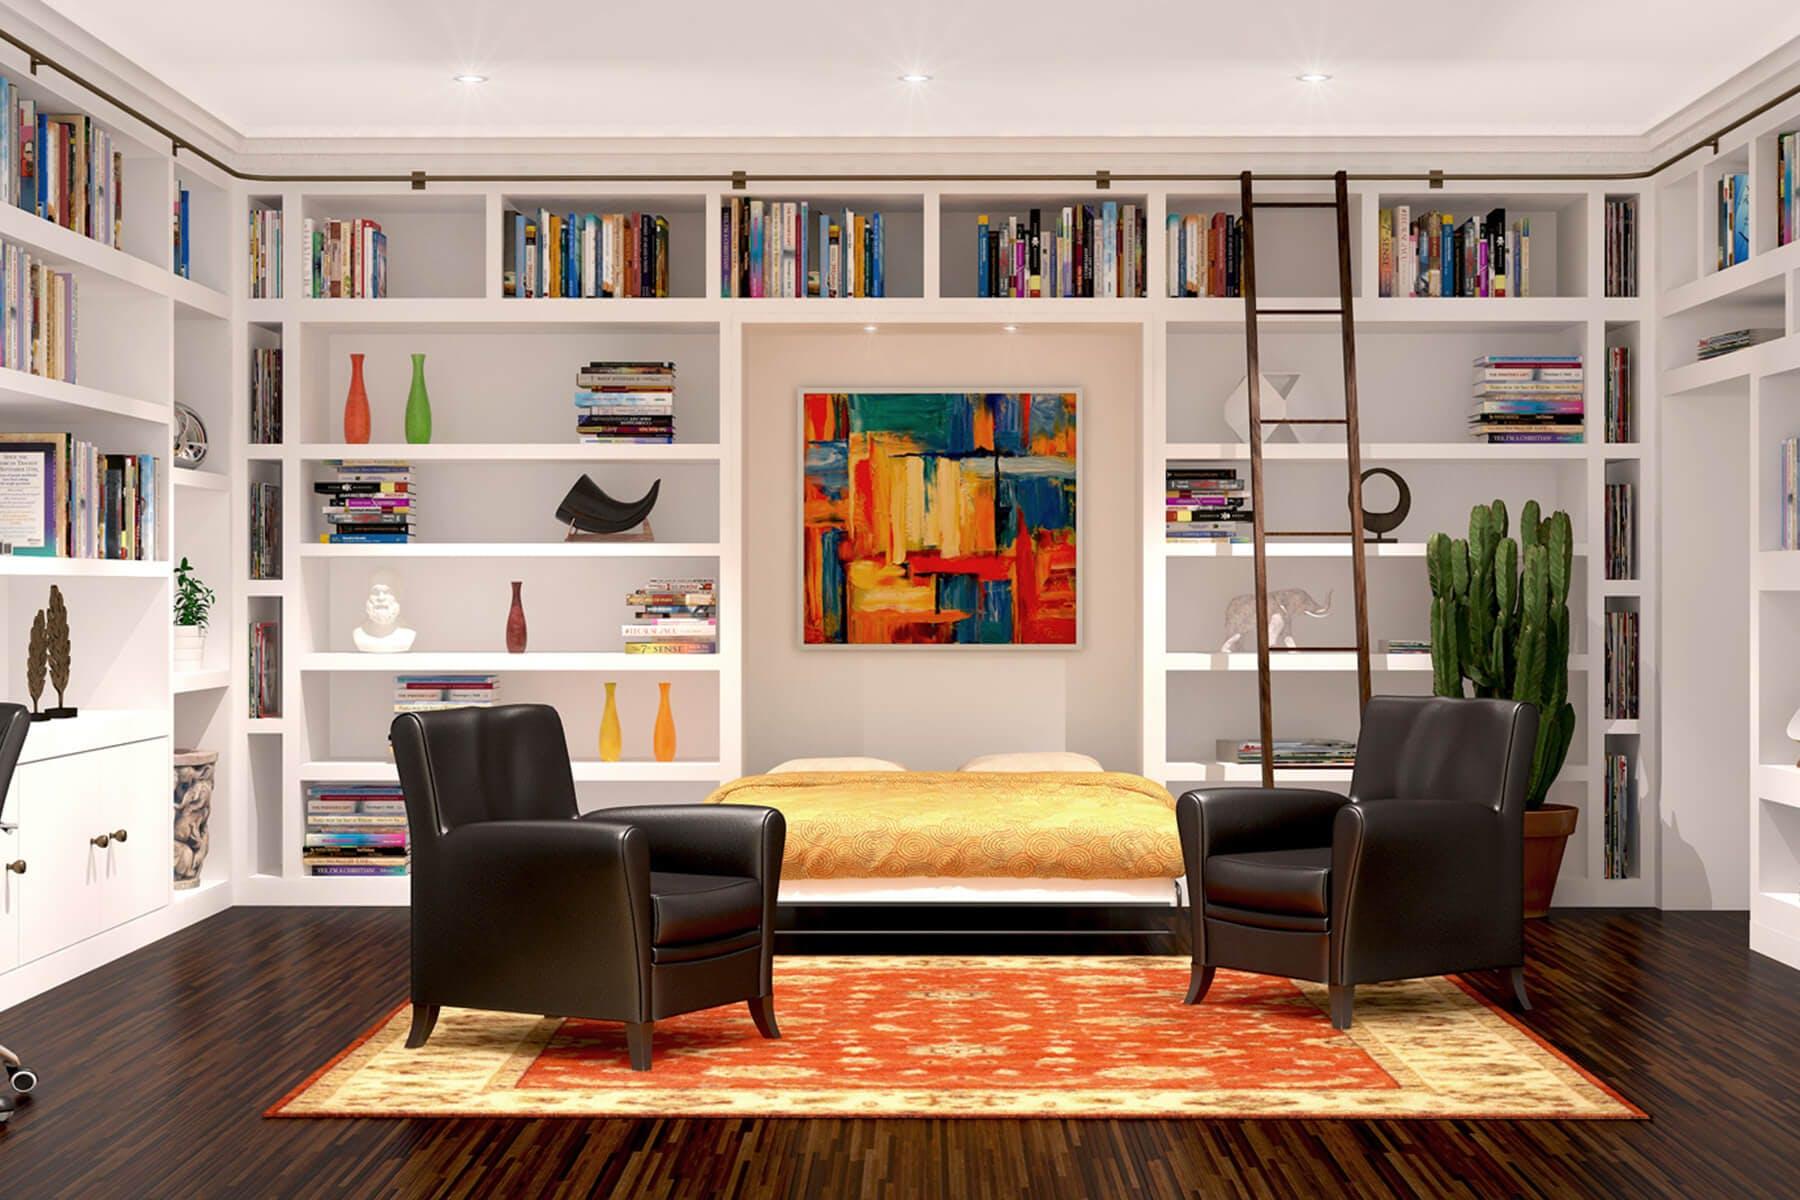 Wall Beds and Murphy Beds | CabiDesign | Closet Factory